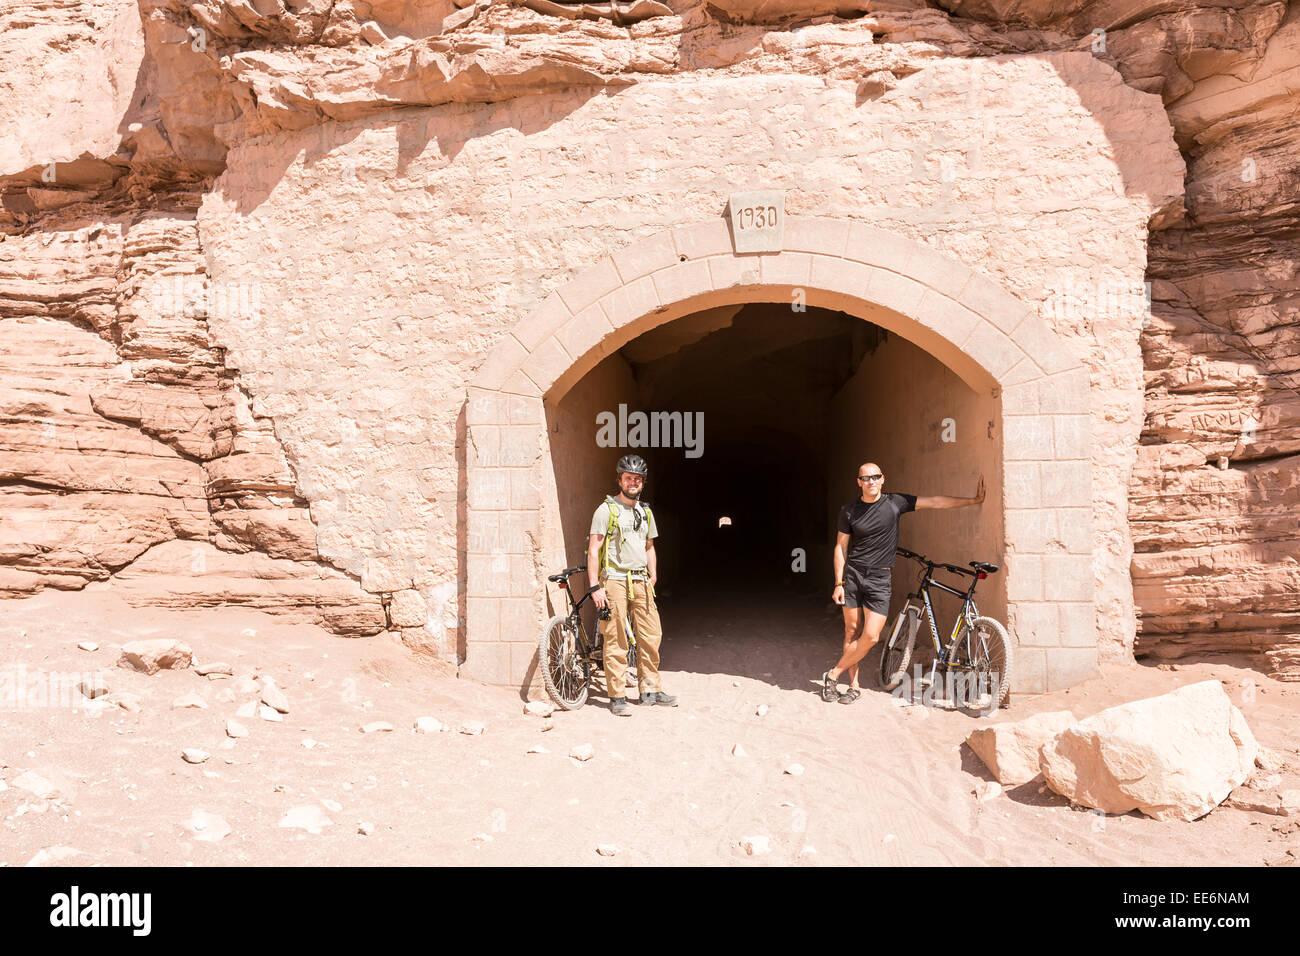 A tunnel through the mountain in San Pedro de Atacama, Chile, South America - Stock Image